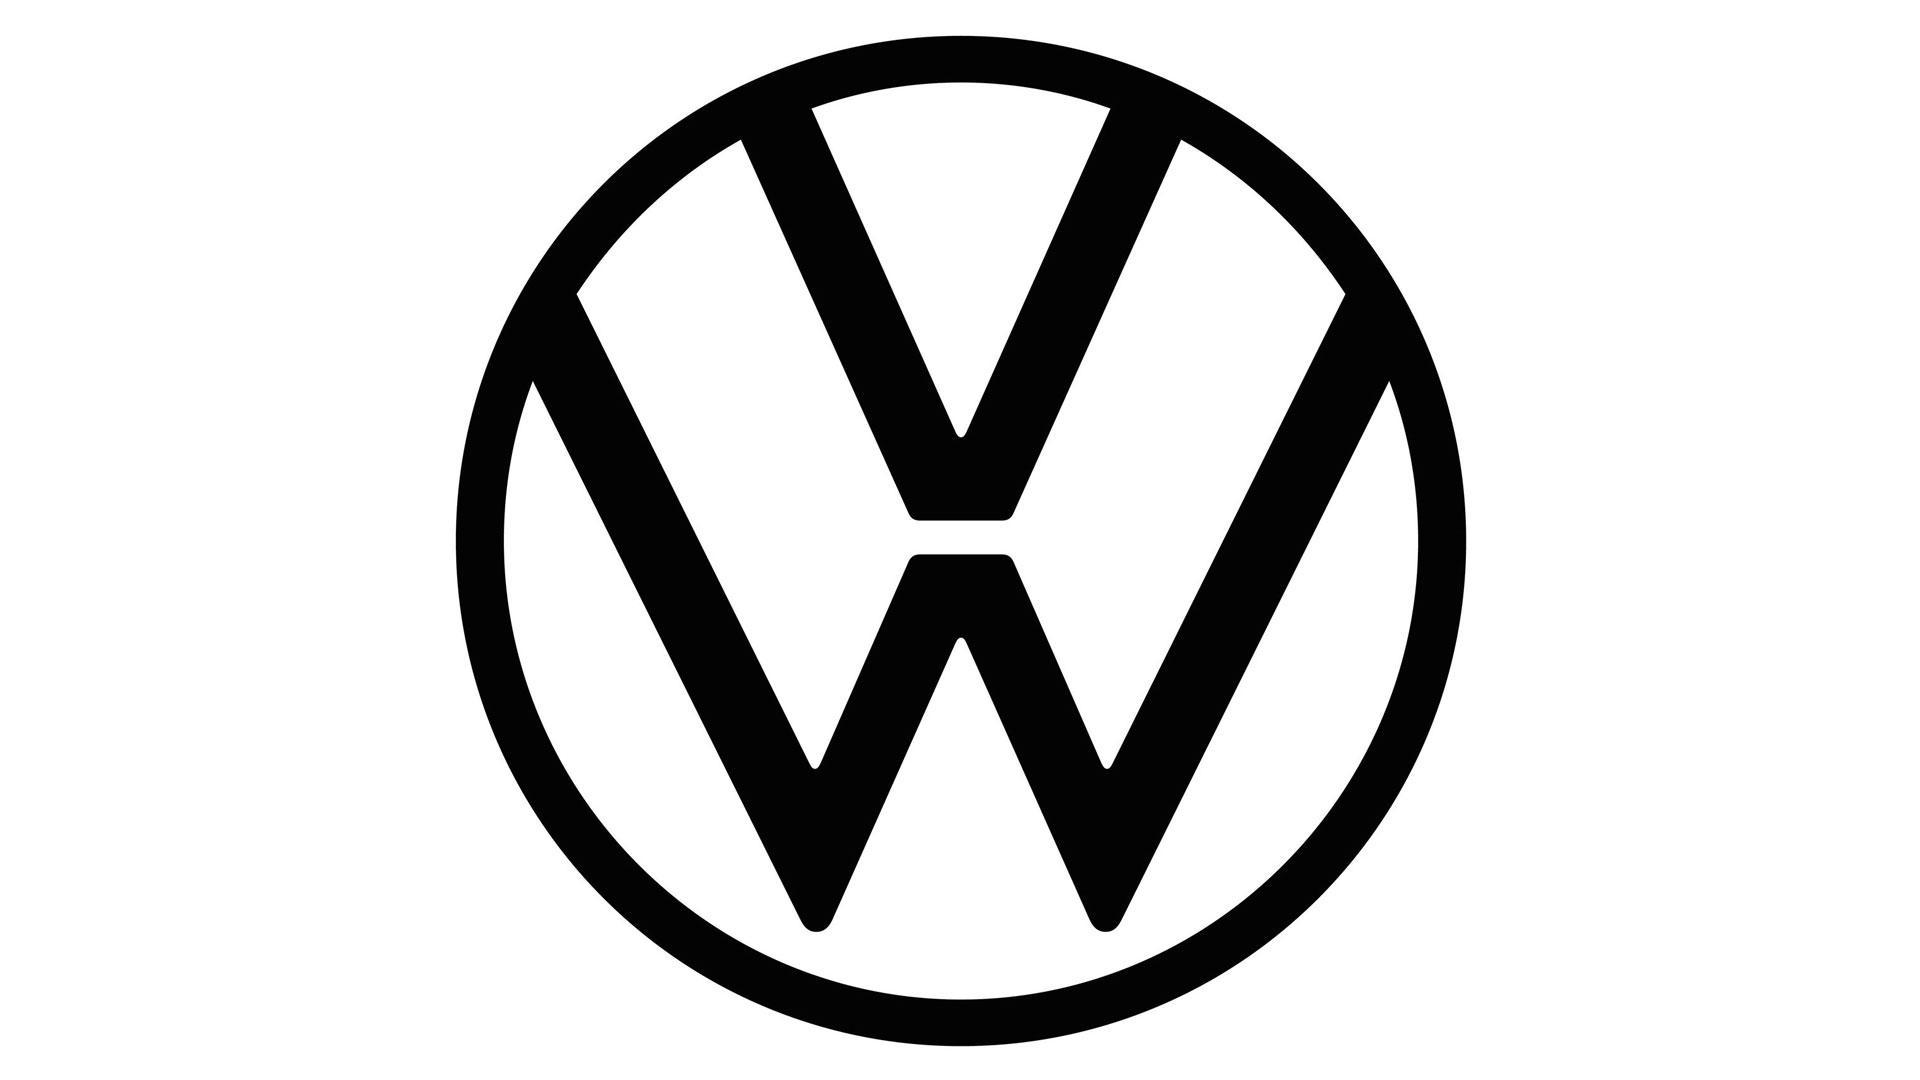 nieuw volkswagen-logo zwart wit 2019